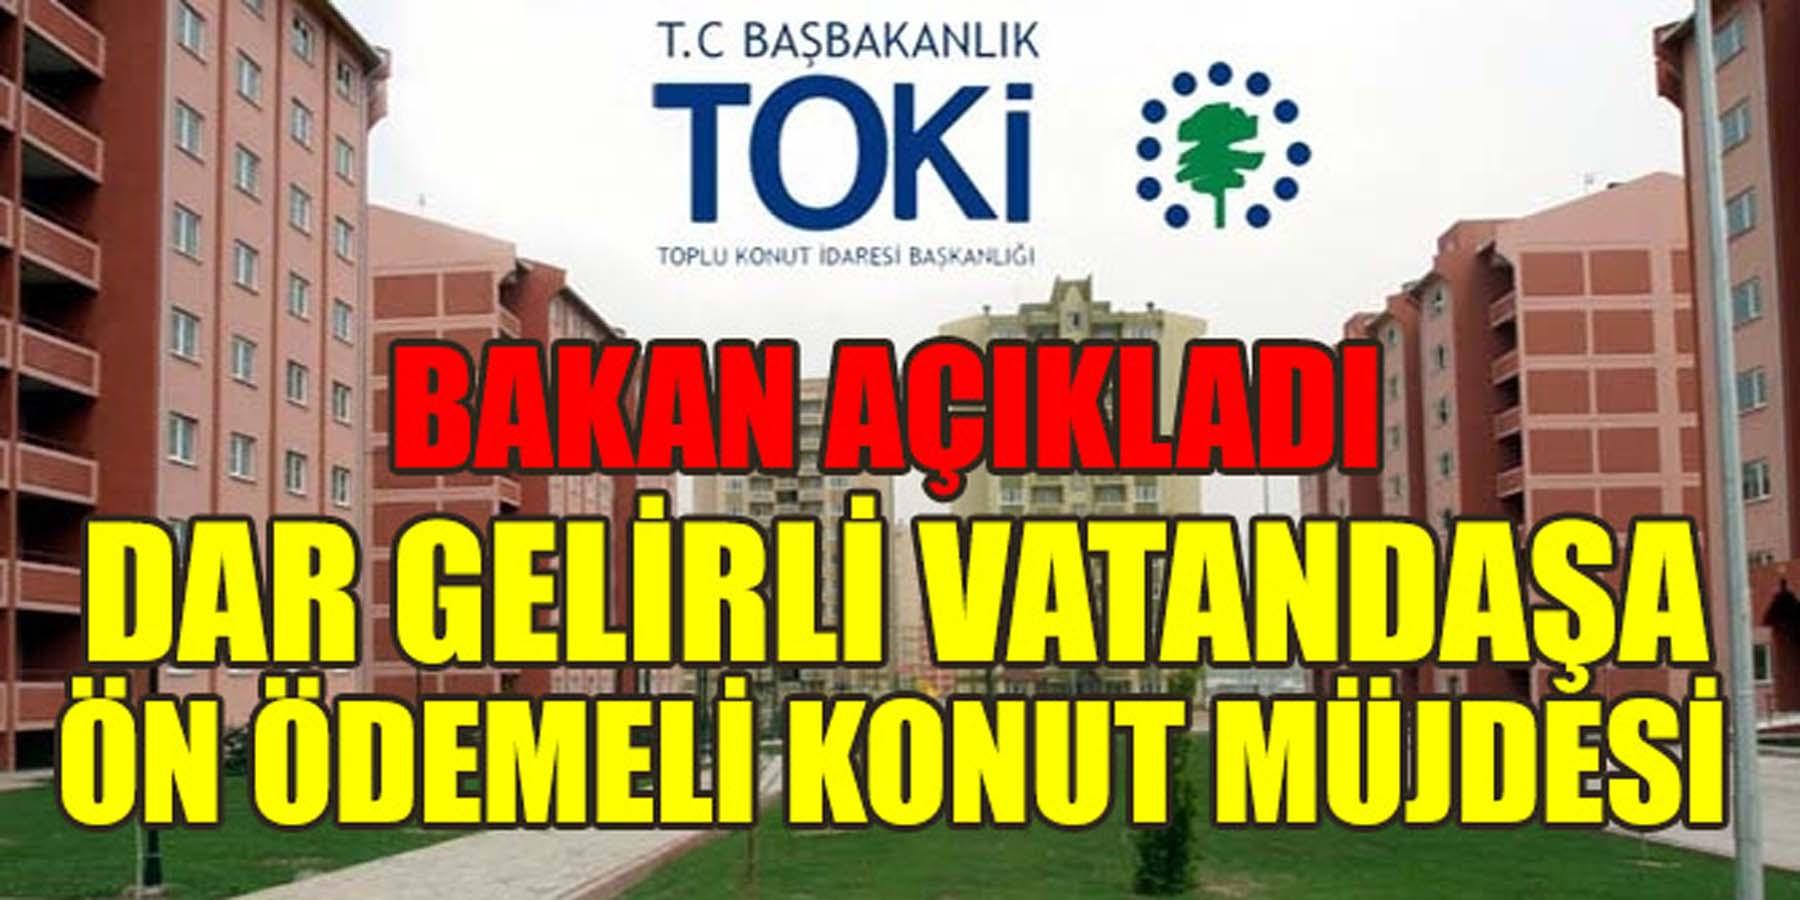 Dar Gelirli Vatandaşa Ön Ödemeli Konut Müjdesi Bakan'dan Geldi